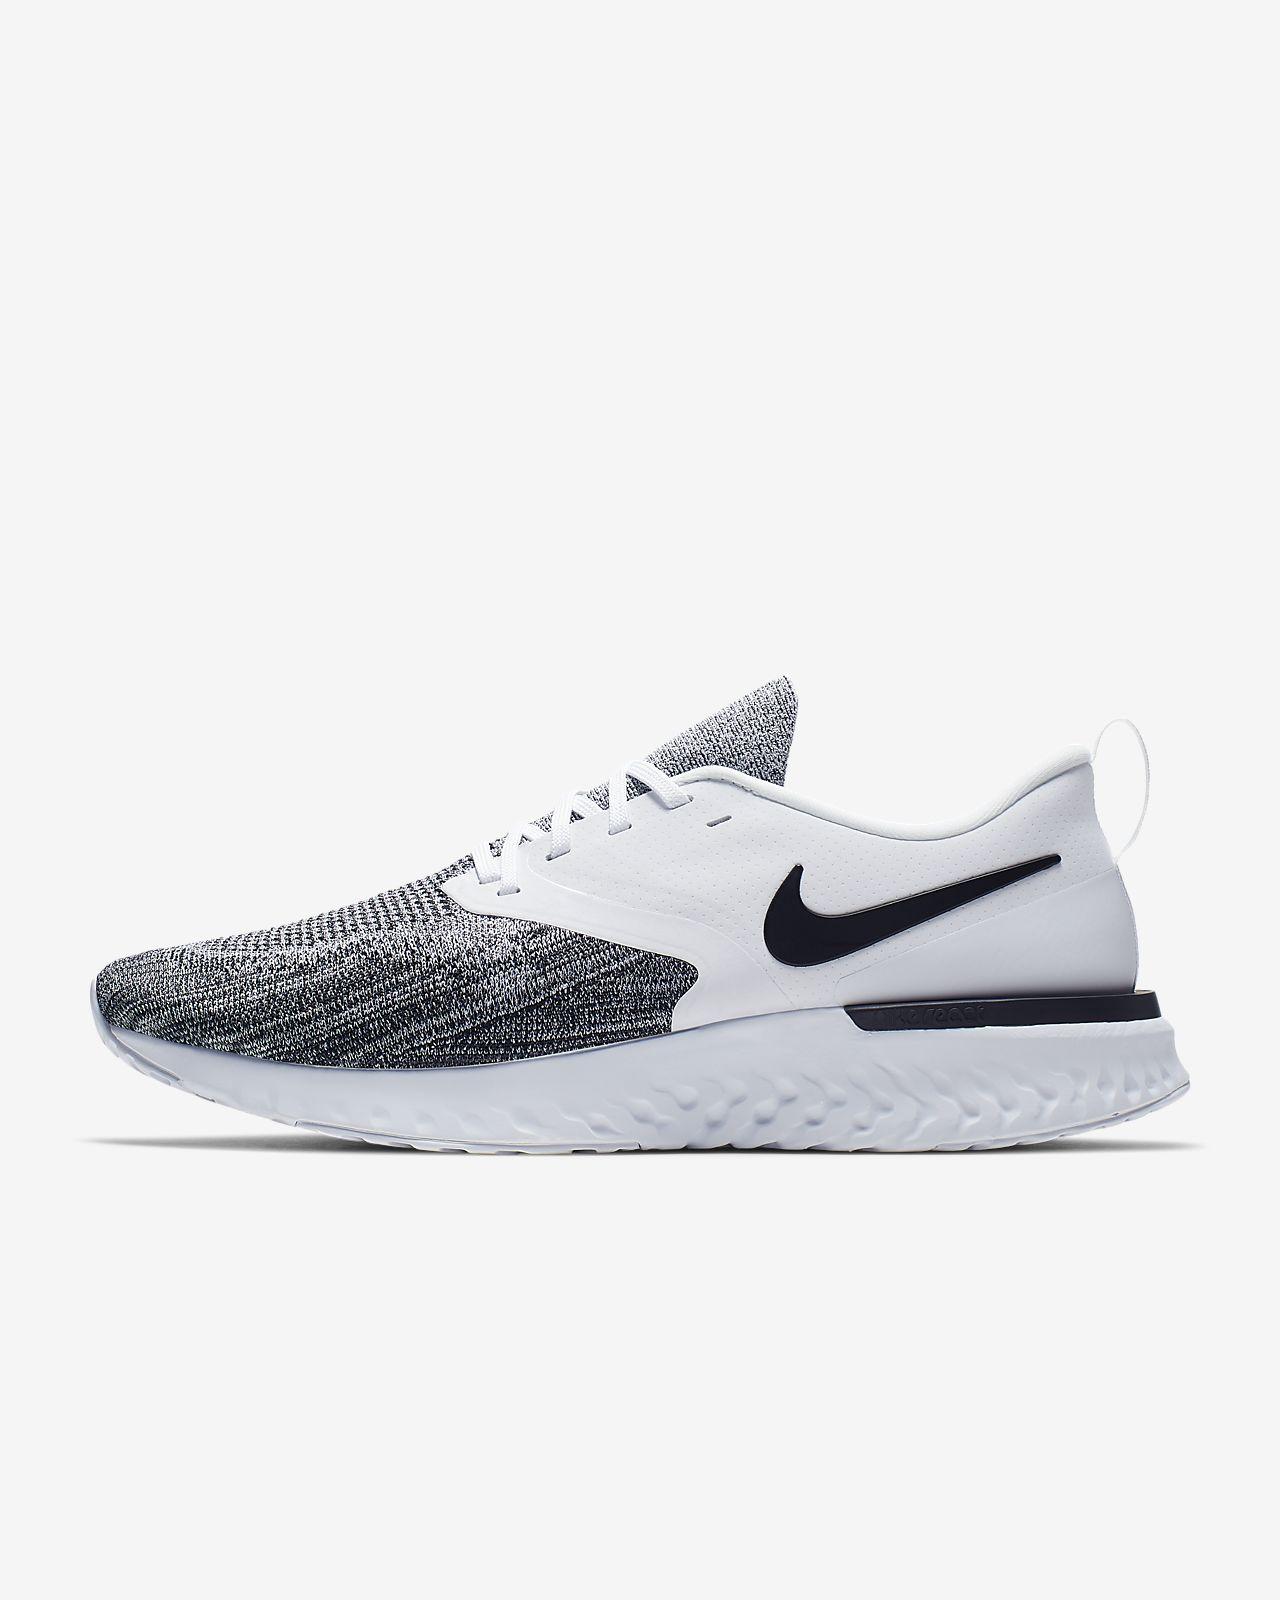 wielka wyprzedaż sklep w Wielkiej Brytanii najniższa zniżka Nike Odyssey React Flyknit 2 Men's Running Shoe